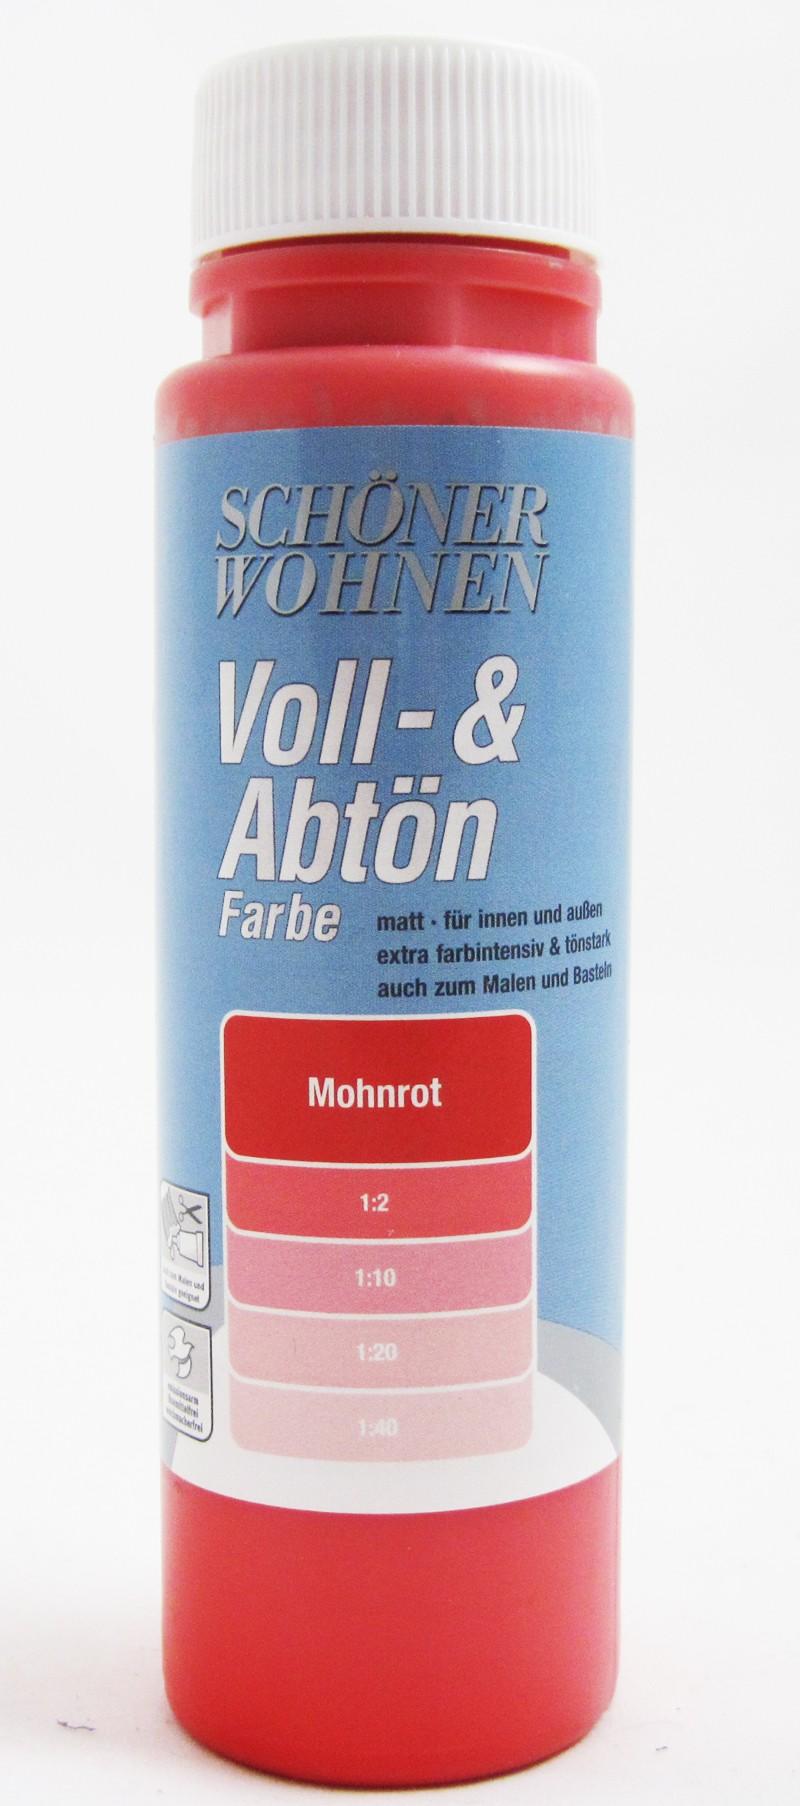 Voll- und Abtönfarbe Mohnrot 500 ml